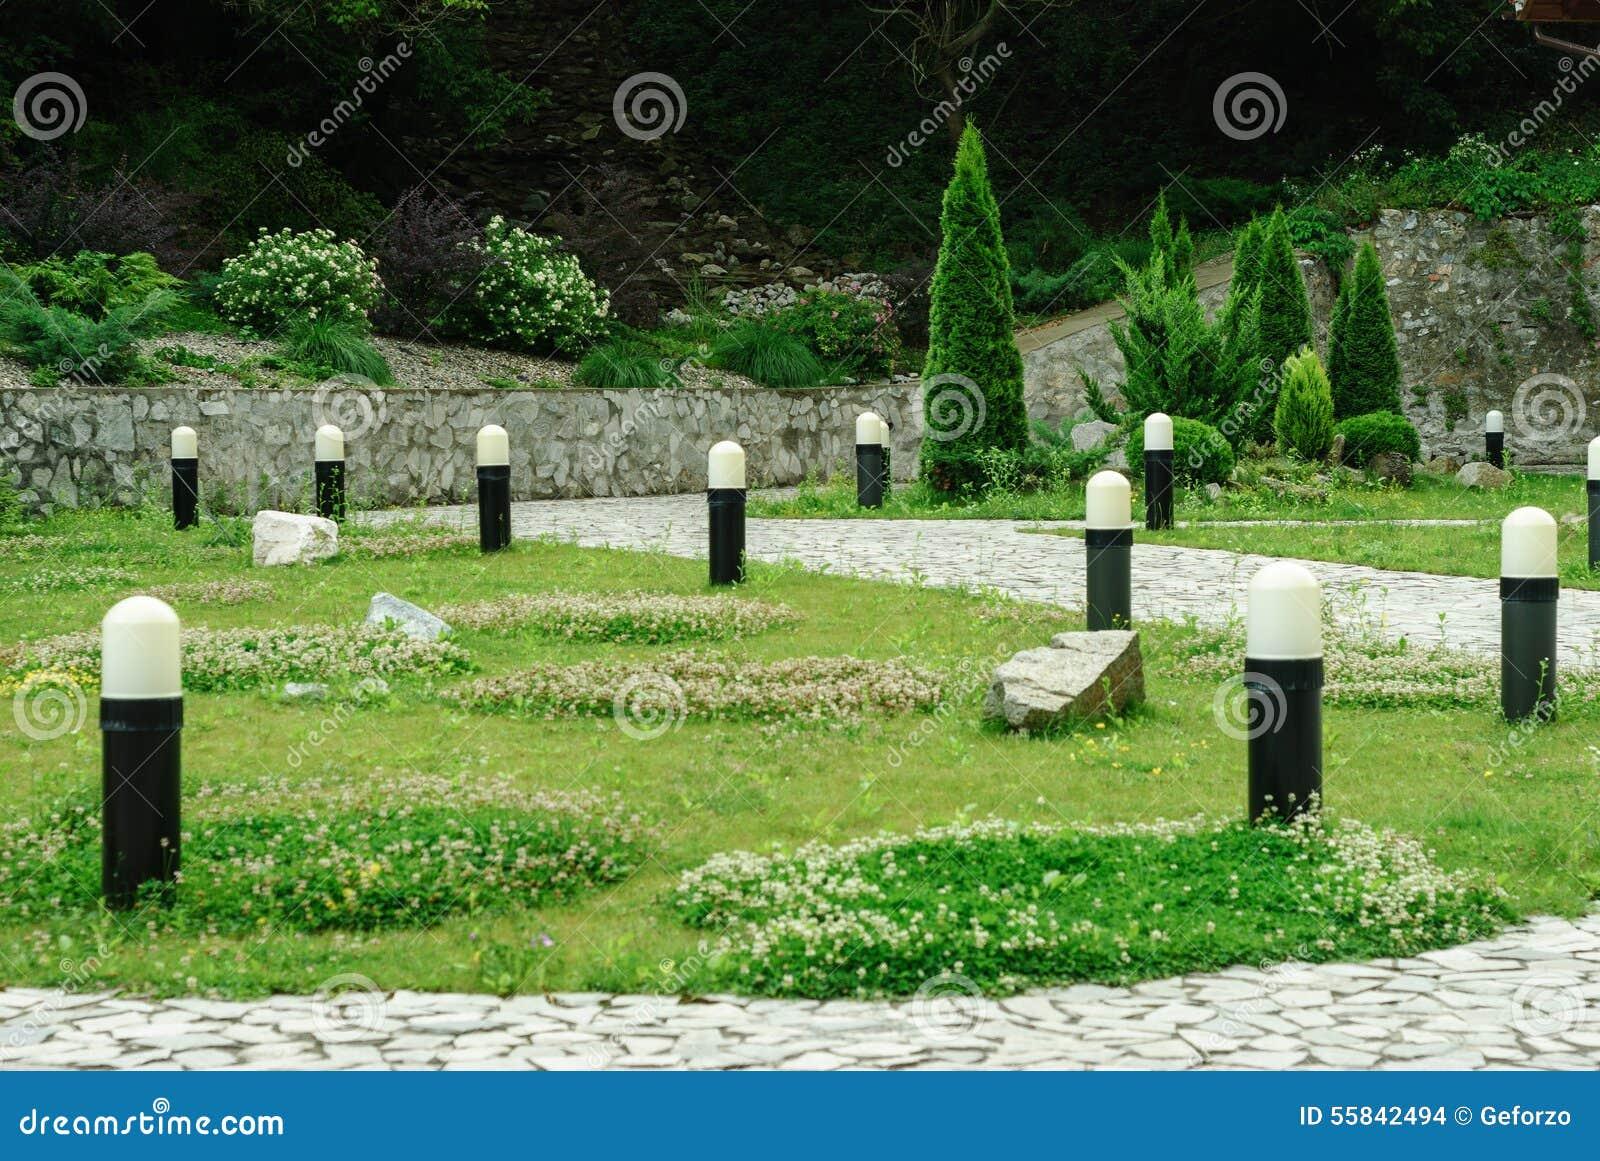 Jardin avec l 39 herbe les arbustes et les lampes photo for Jardin avec arbustes